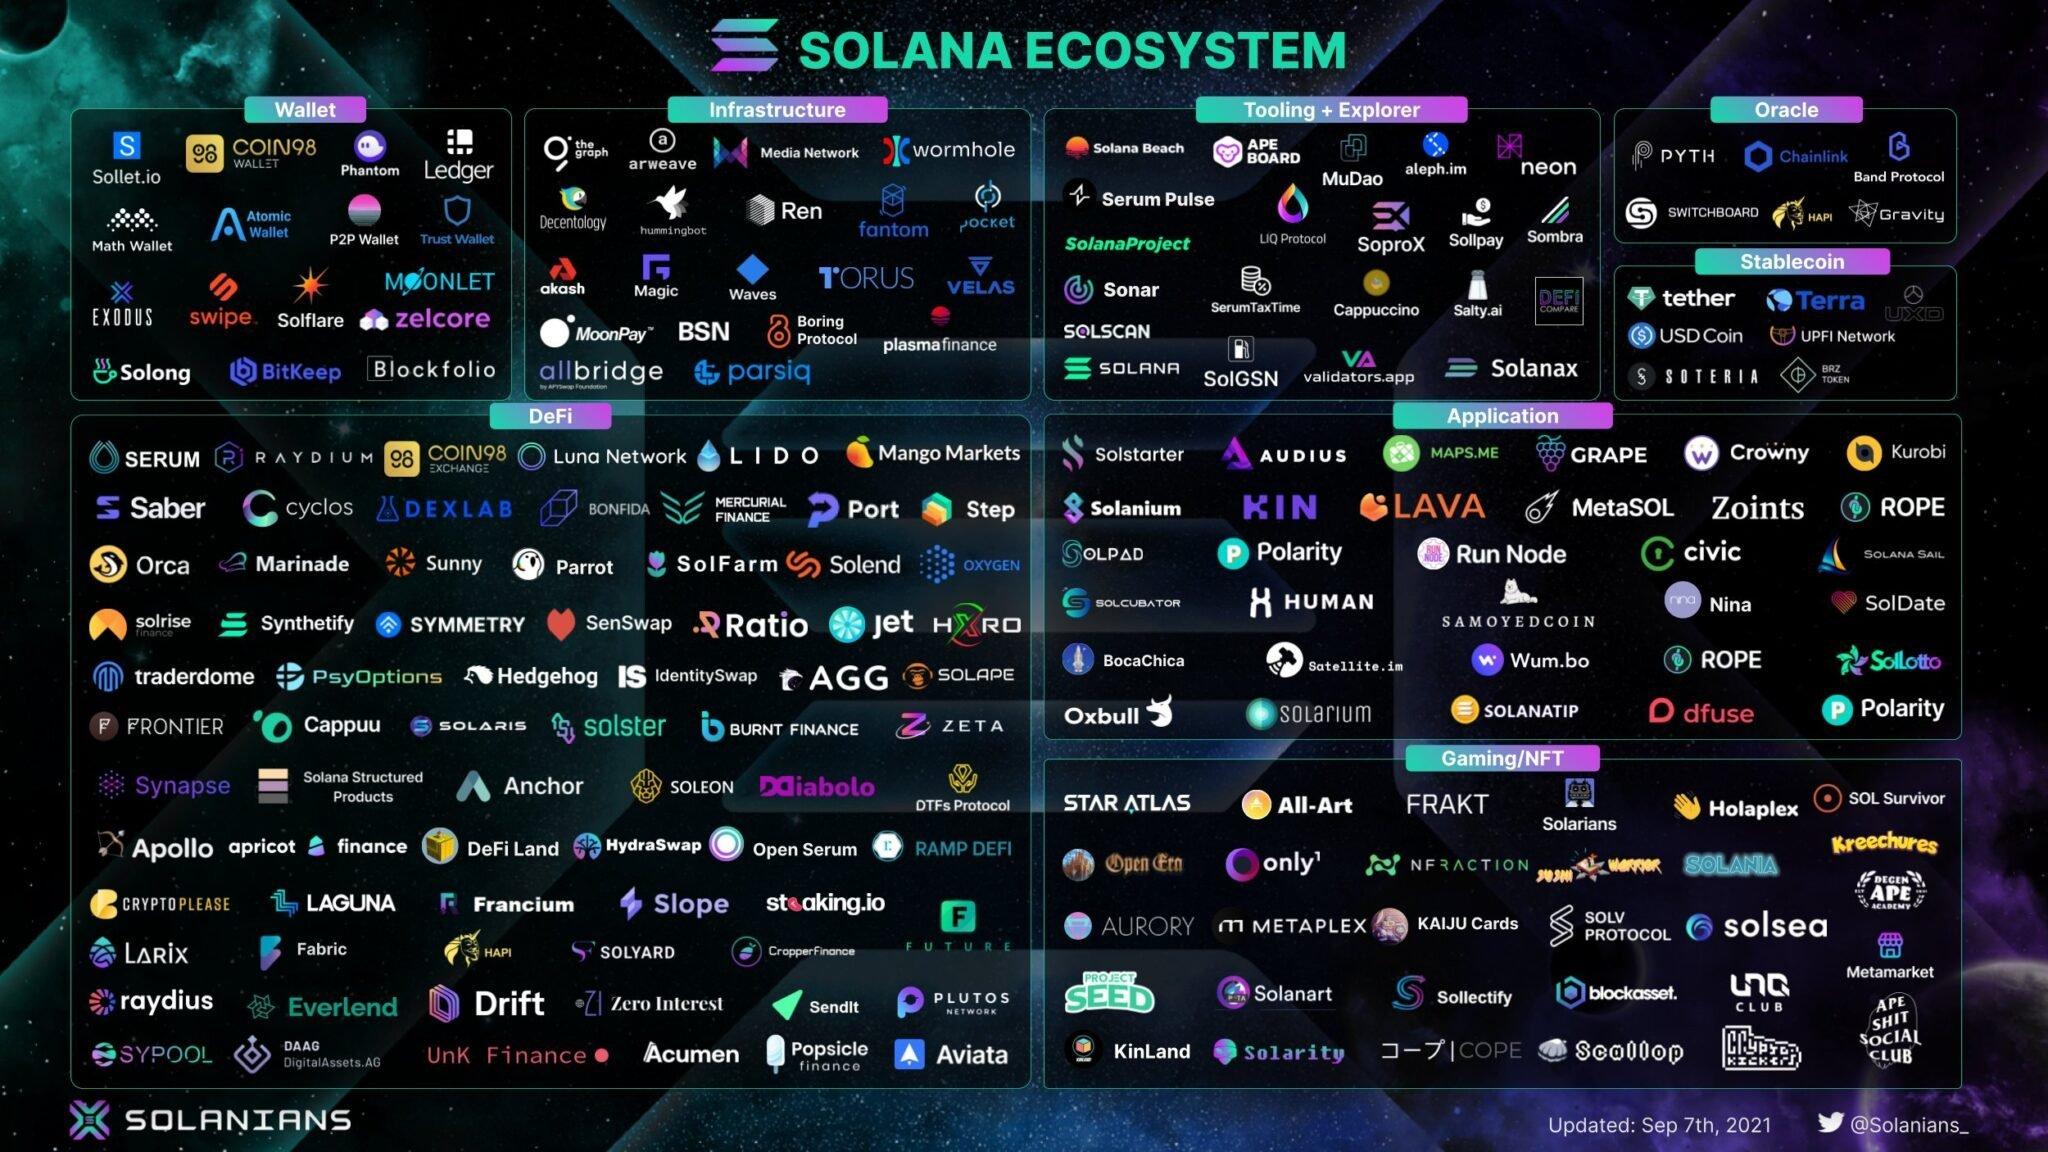 W ekosystemie Solana jest już tyle projektów, że trudno jest je wszystkie wymienić. Błyskawiczny rozwój nawet jak na standardy branży blockchain.